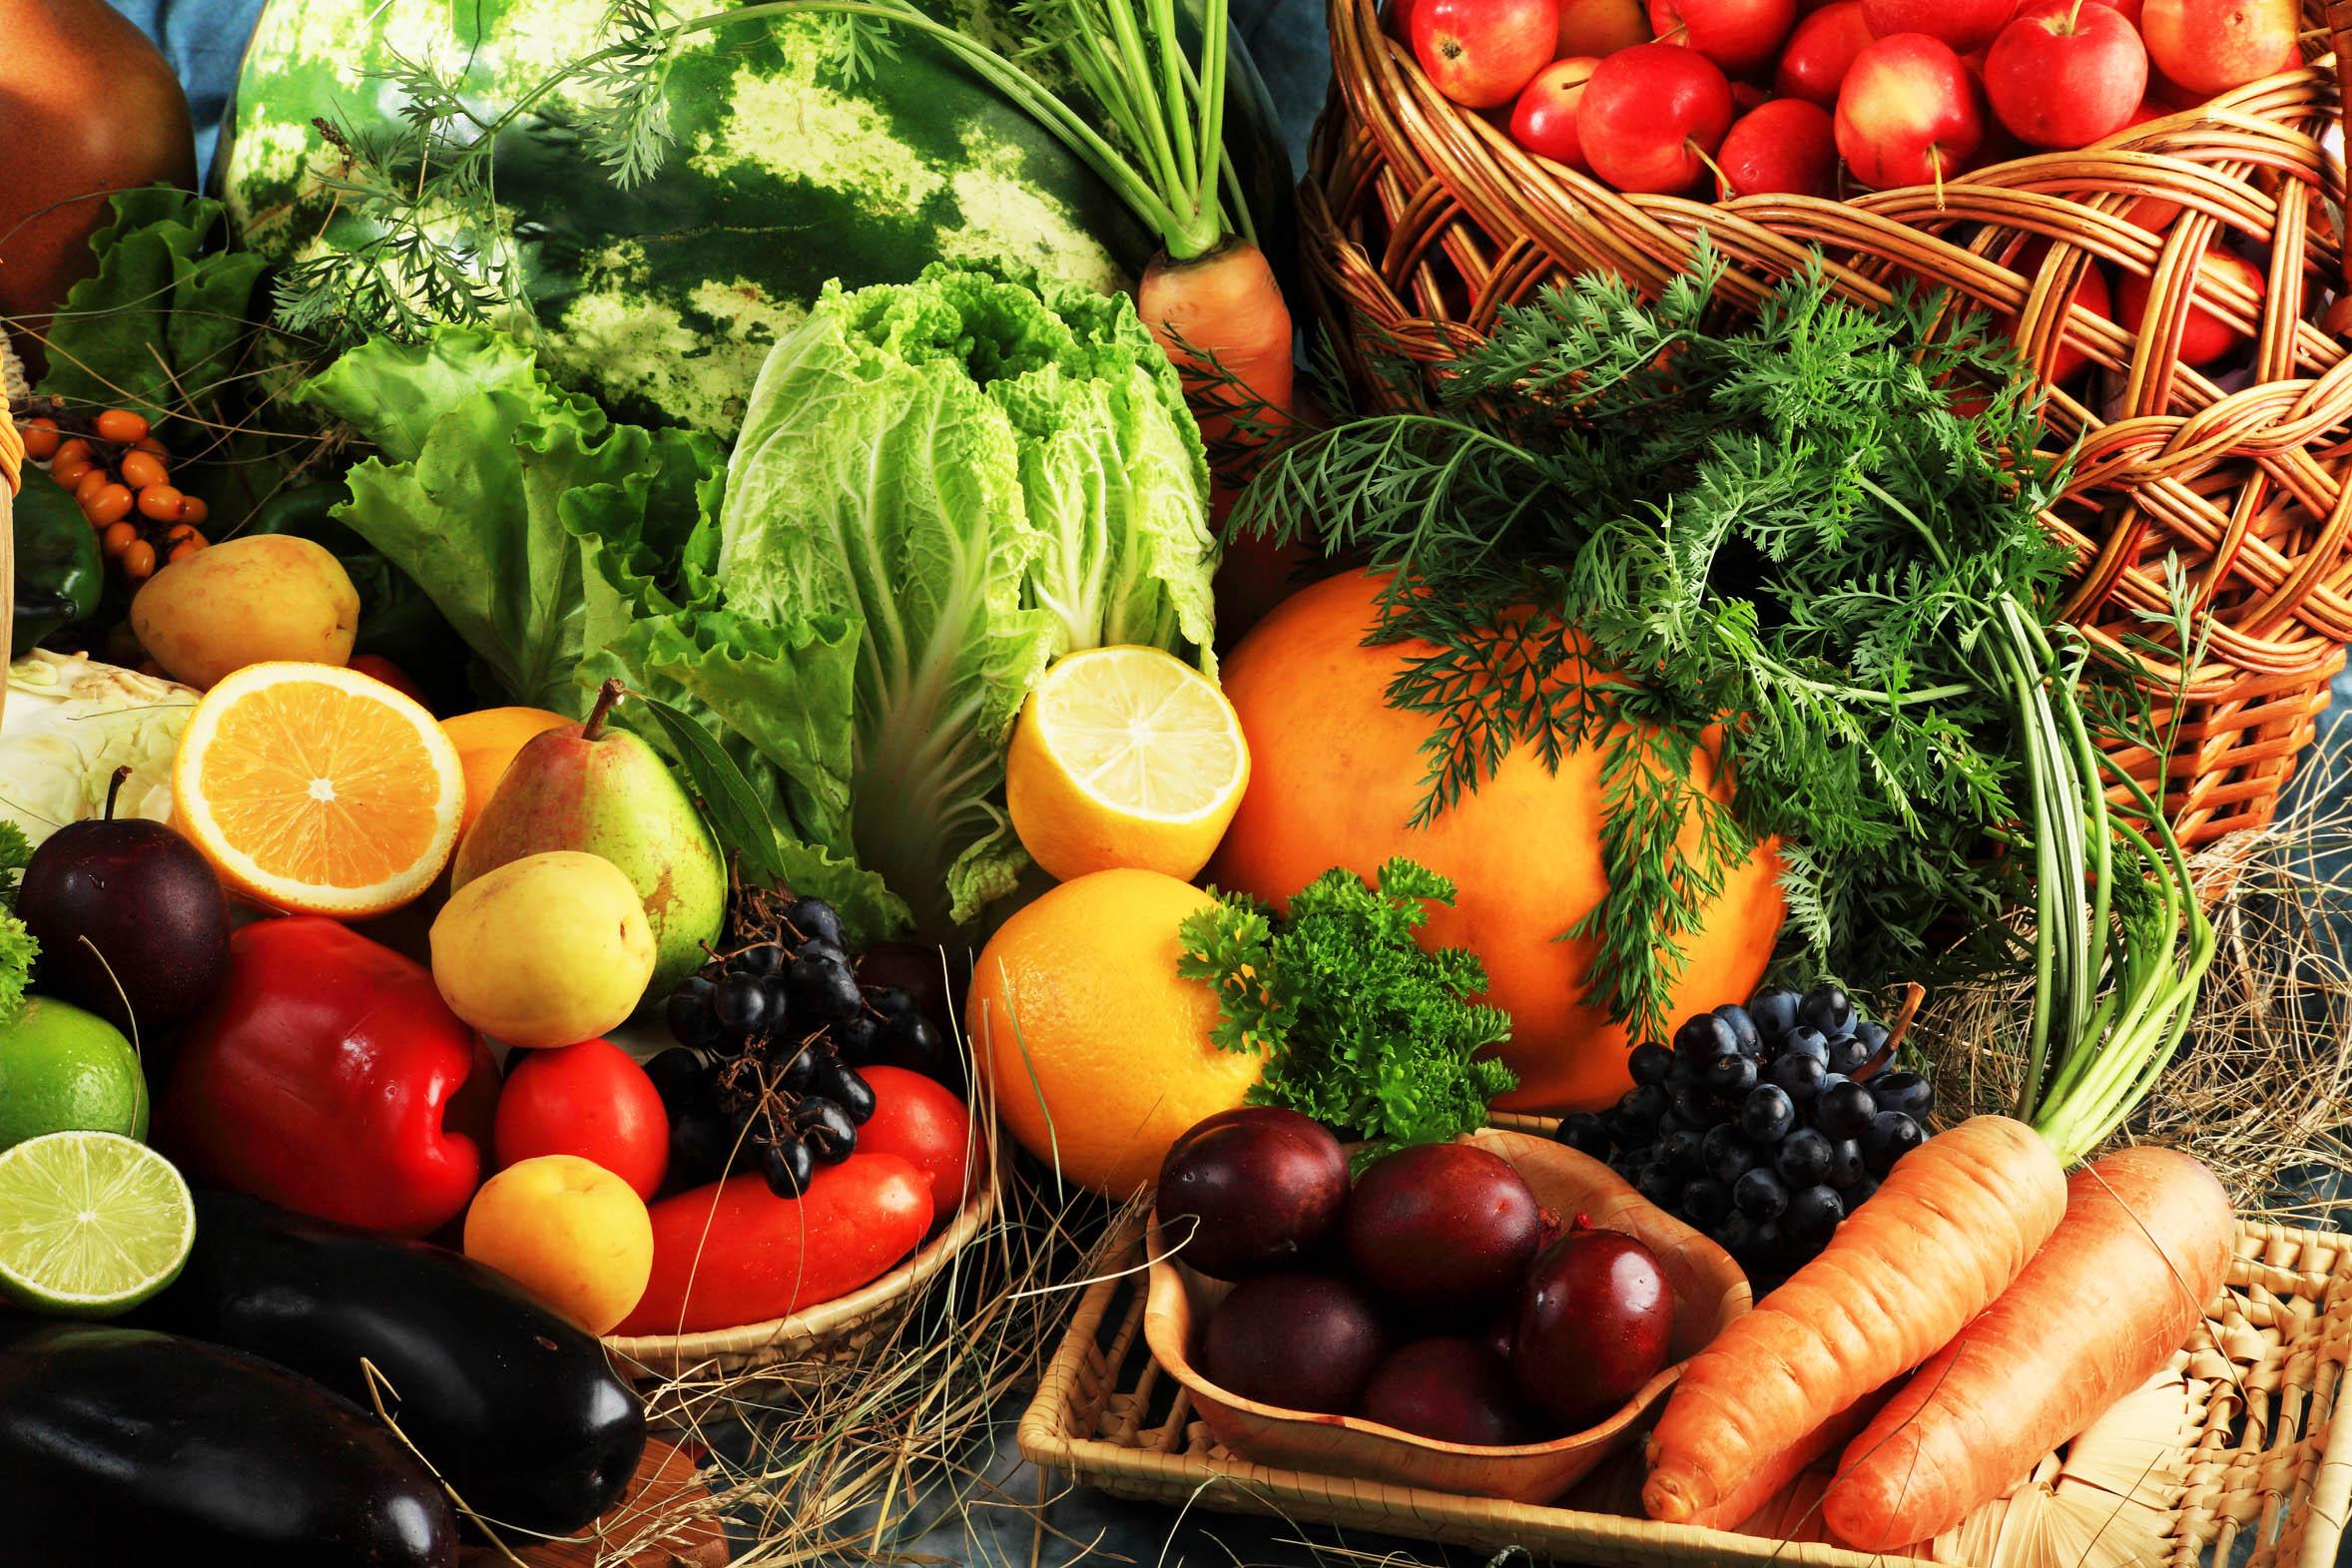 Enero 2012 loros en argentina - Semillas de frutas y verduras ...